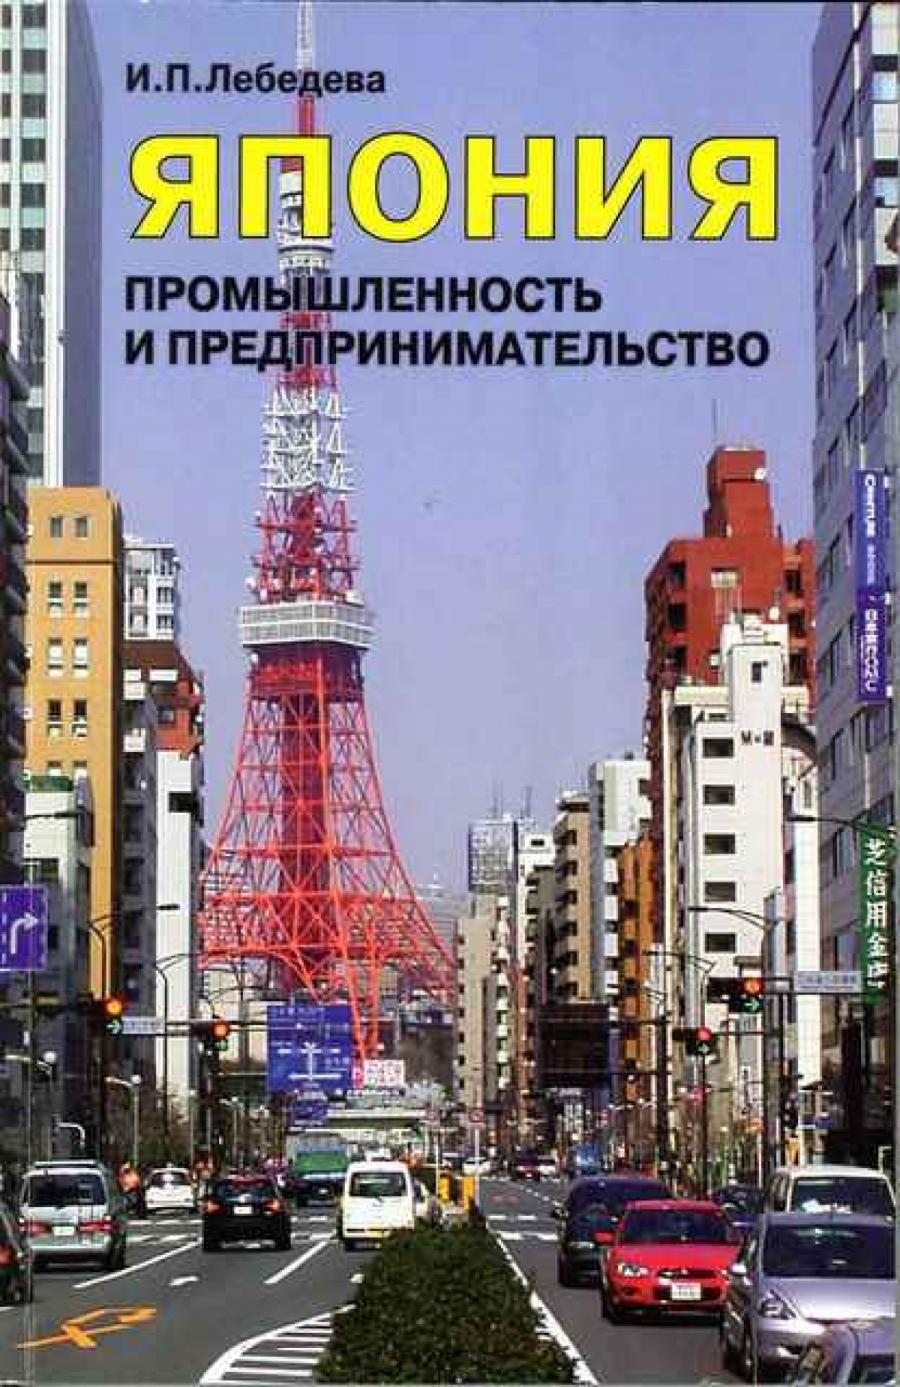 Обложка книги:  лебедева и.п. - япония промышленность и предпринимательство (вторая половина хх - начало xxi в.)